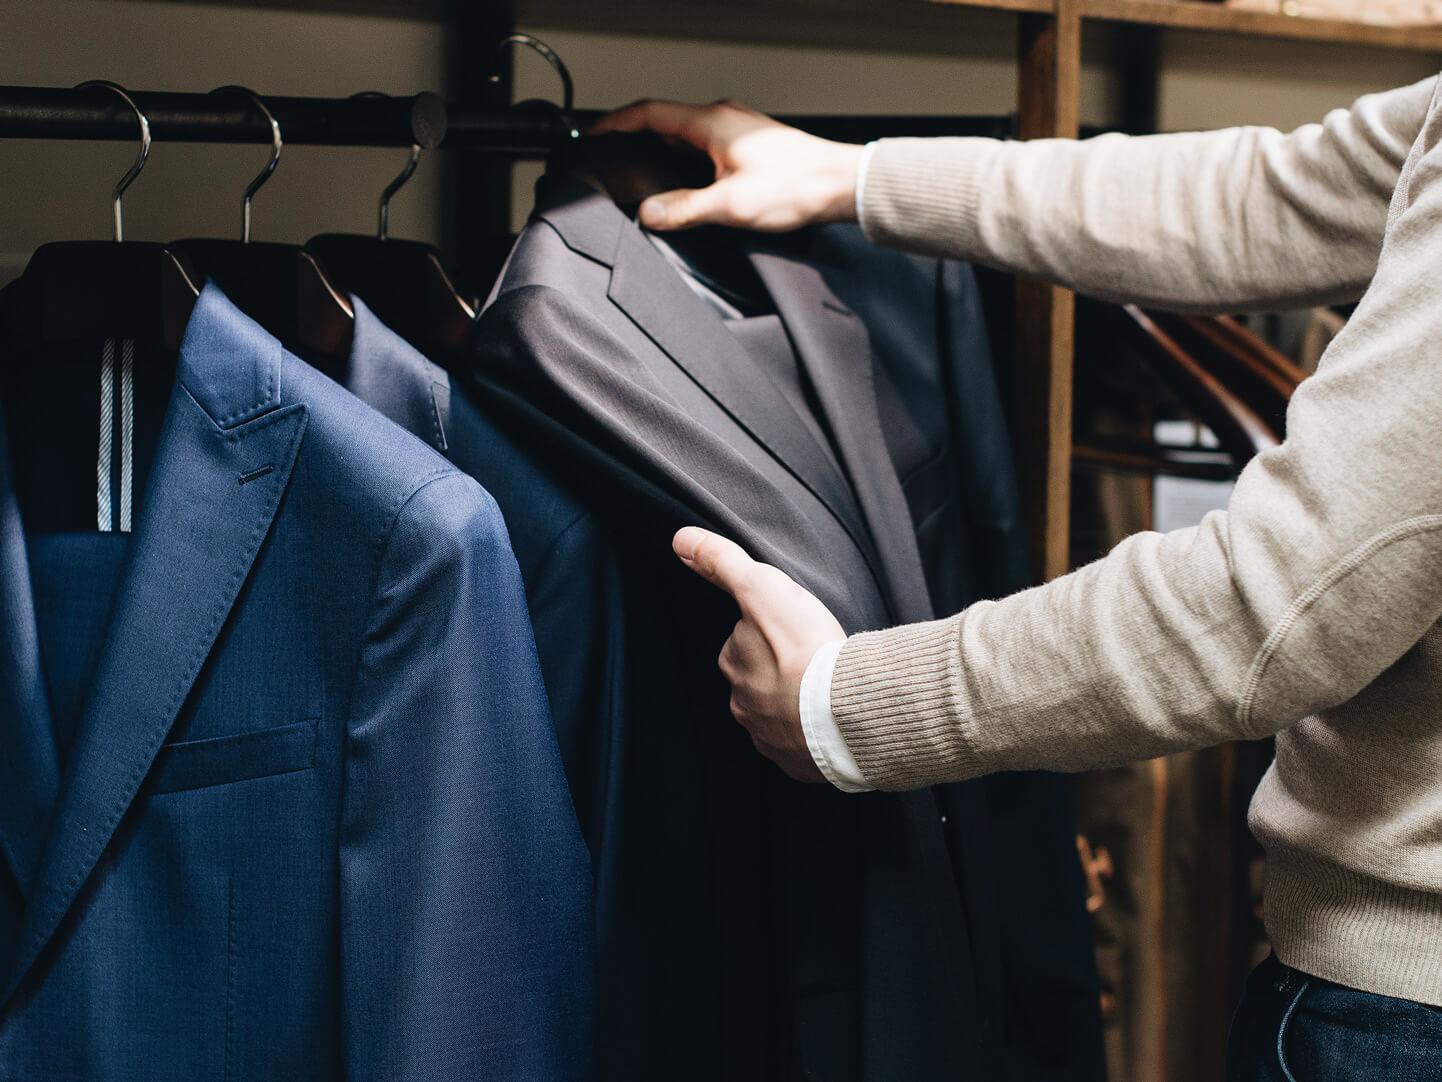 18274beda2ca Guide: Att tänka på vid köp av kostym | CareOfCarl.com